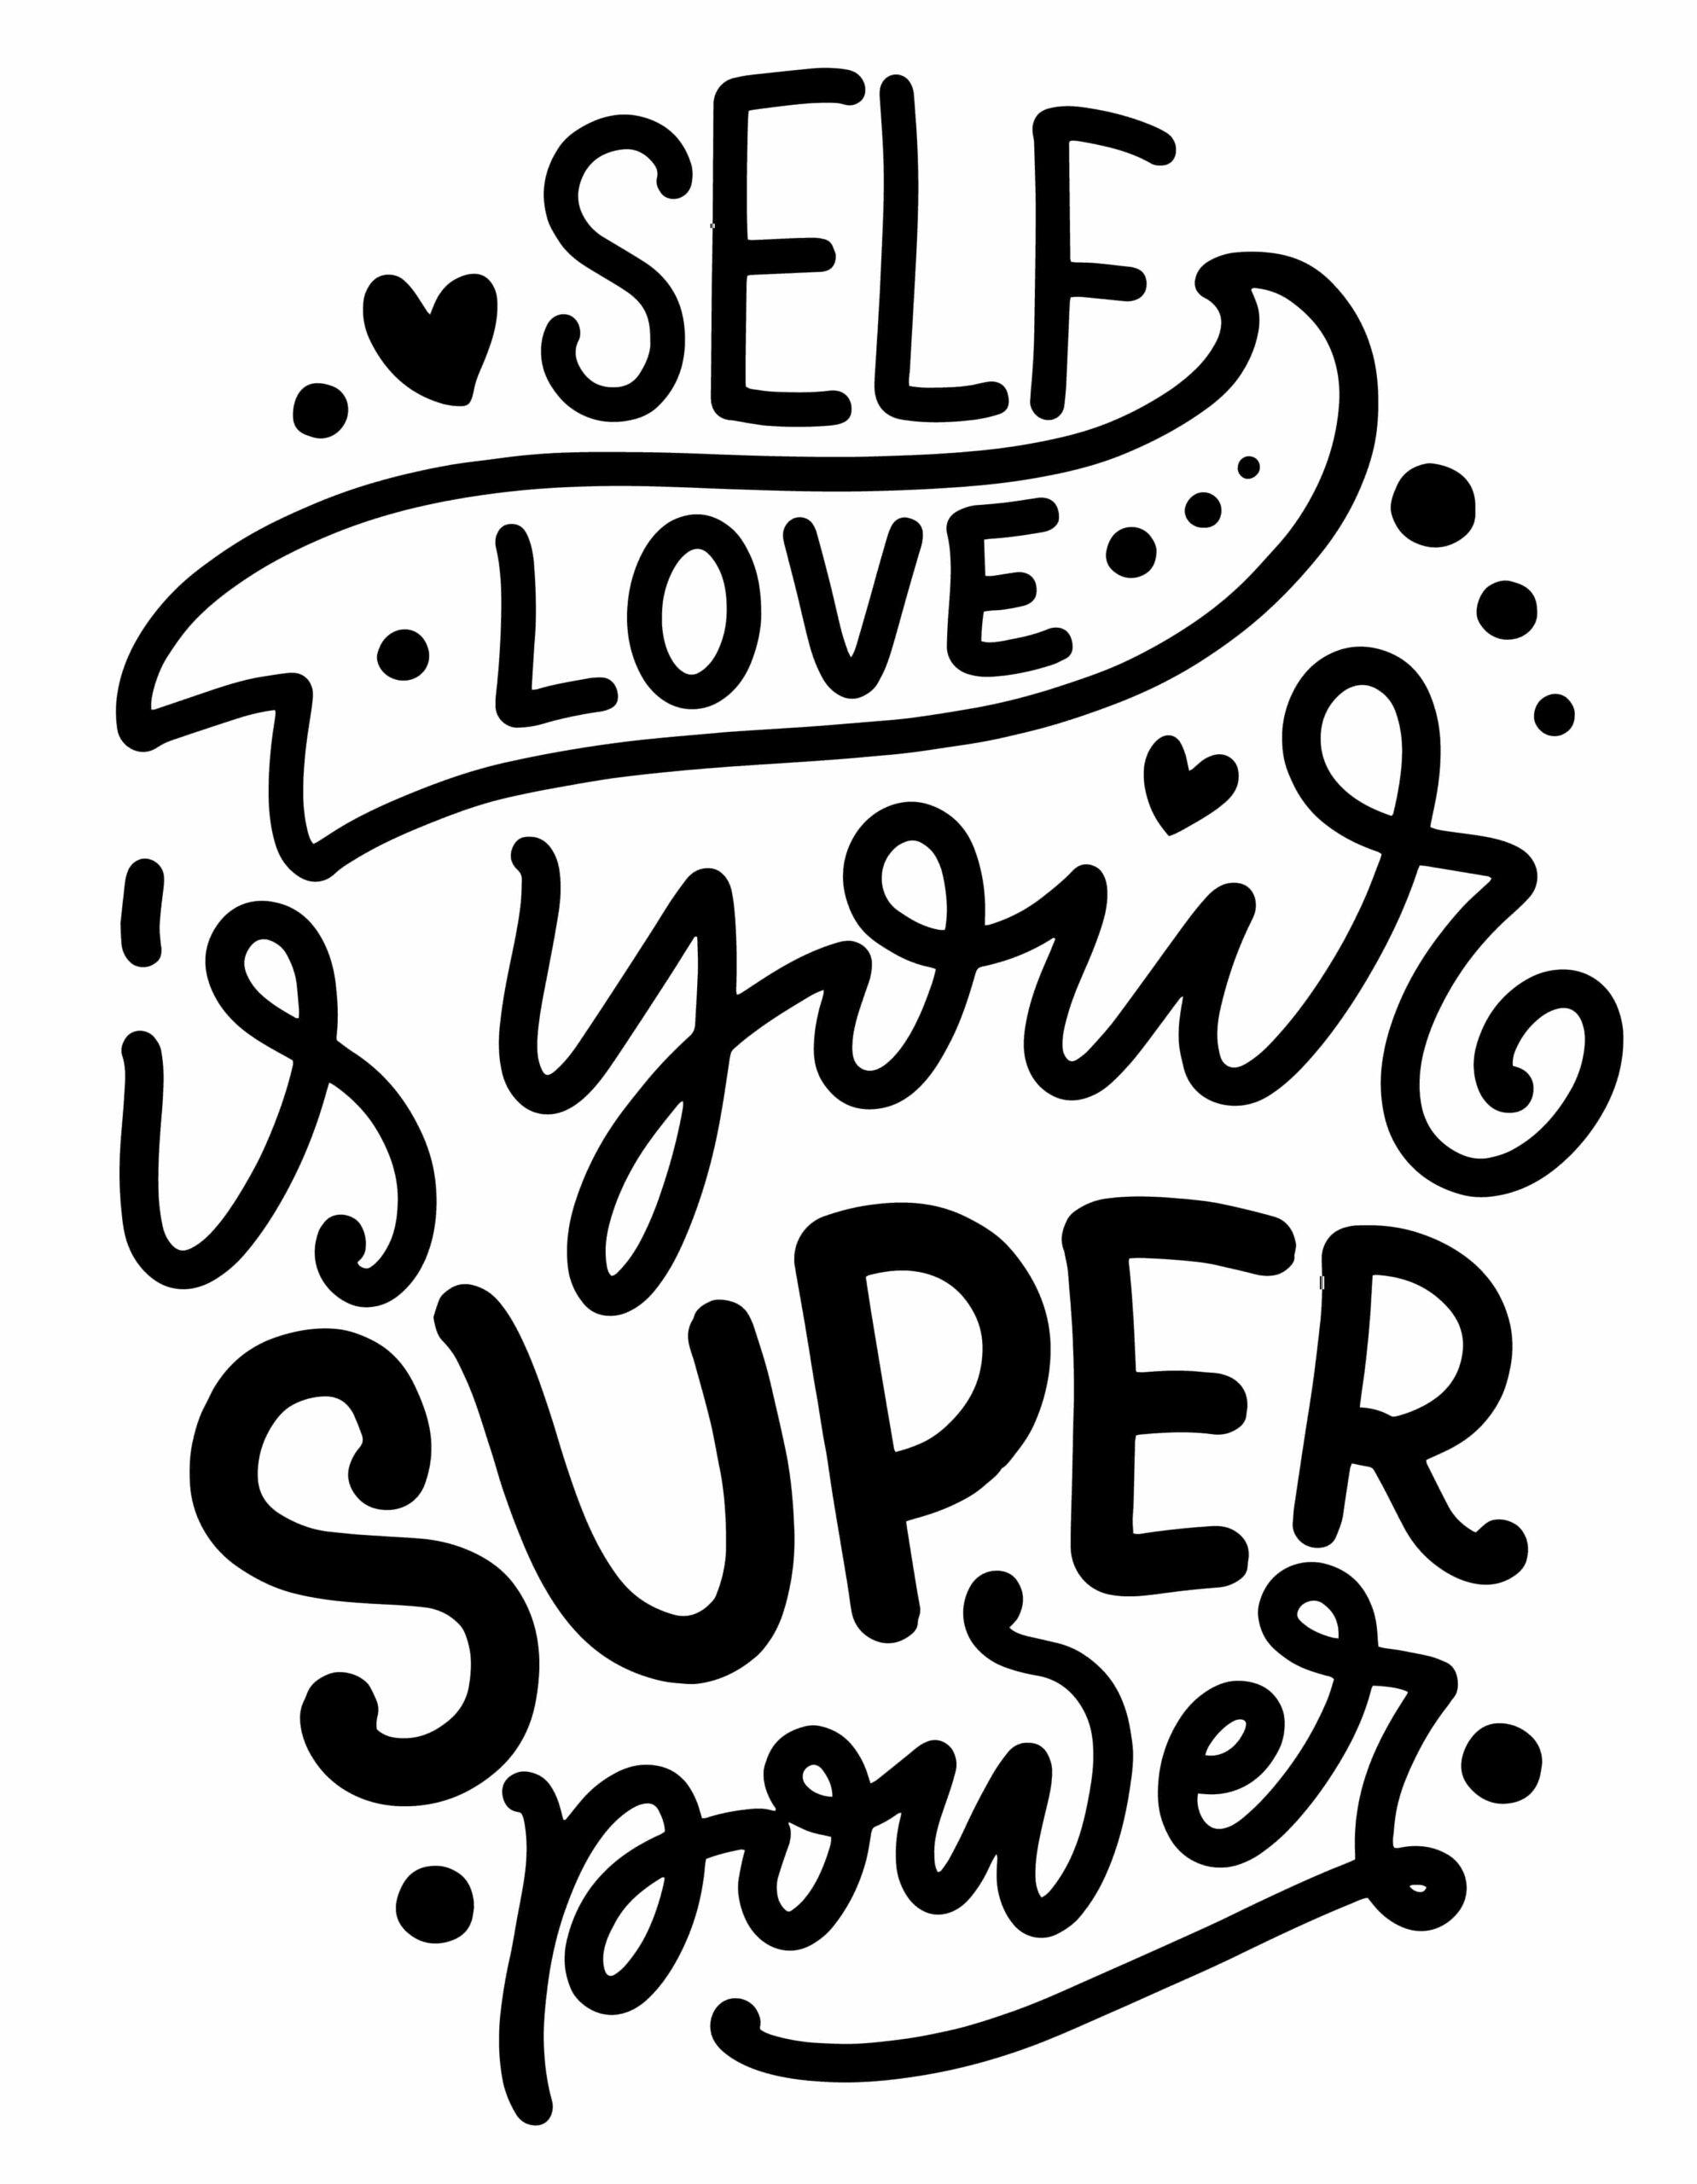 self-love graphic